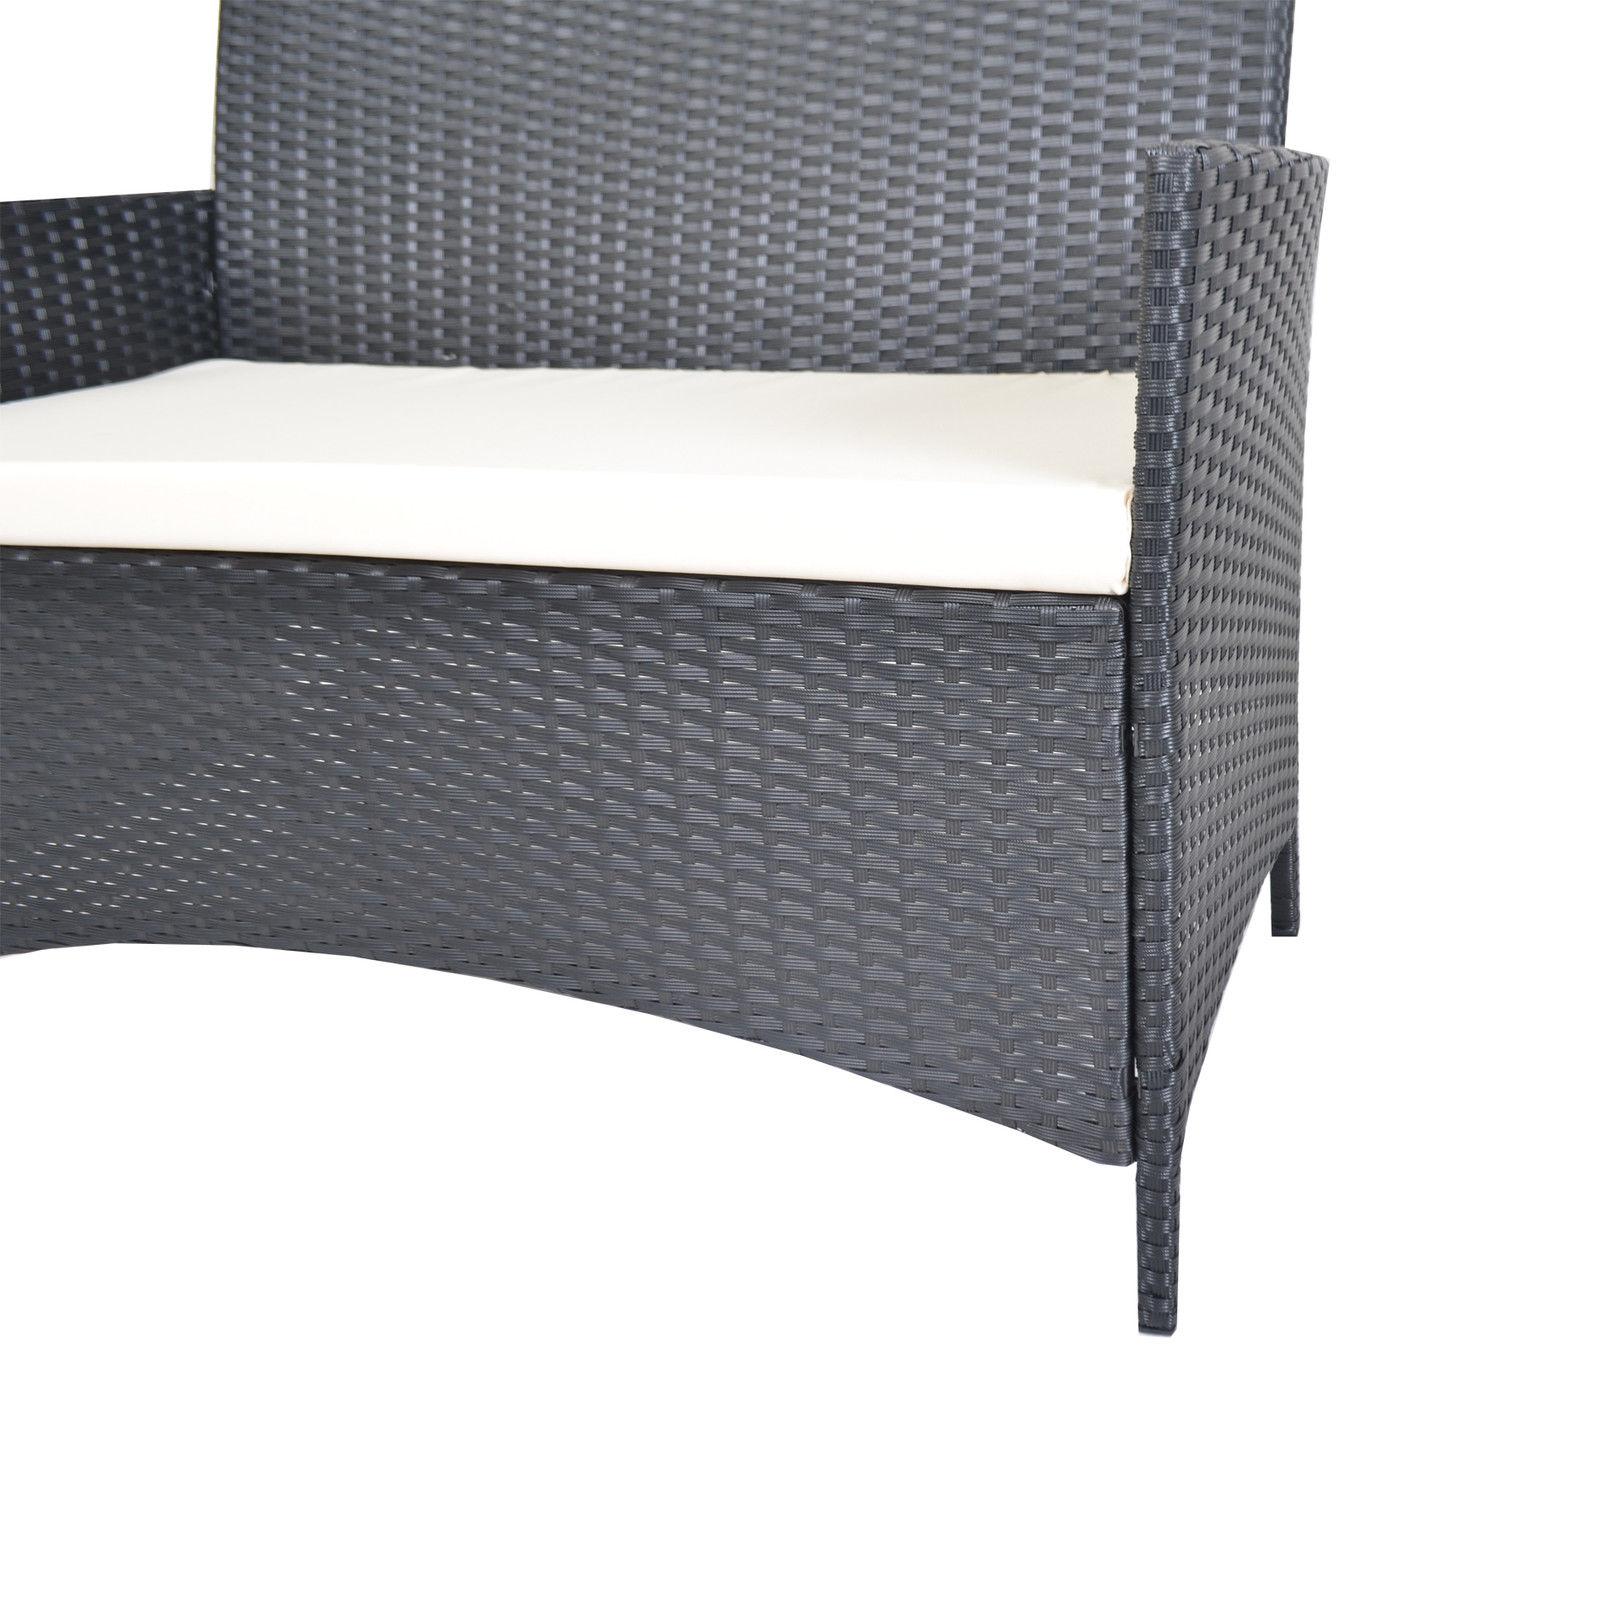 Premium Rattan Furniture Set 4 Piece Chairs Sofa Table Indoor Outdoor Garden